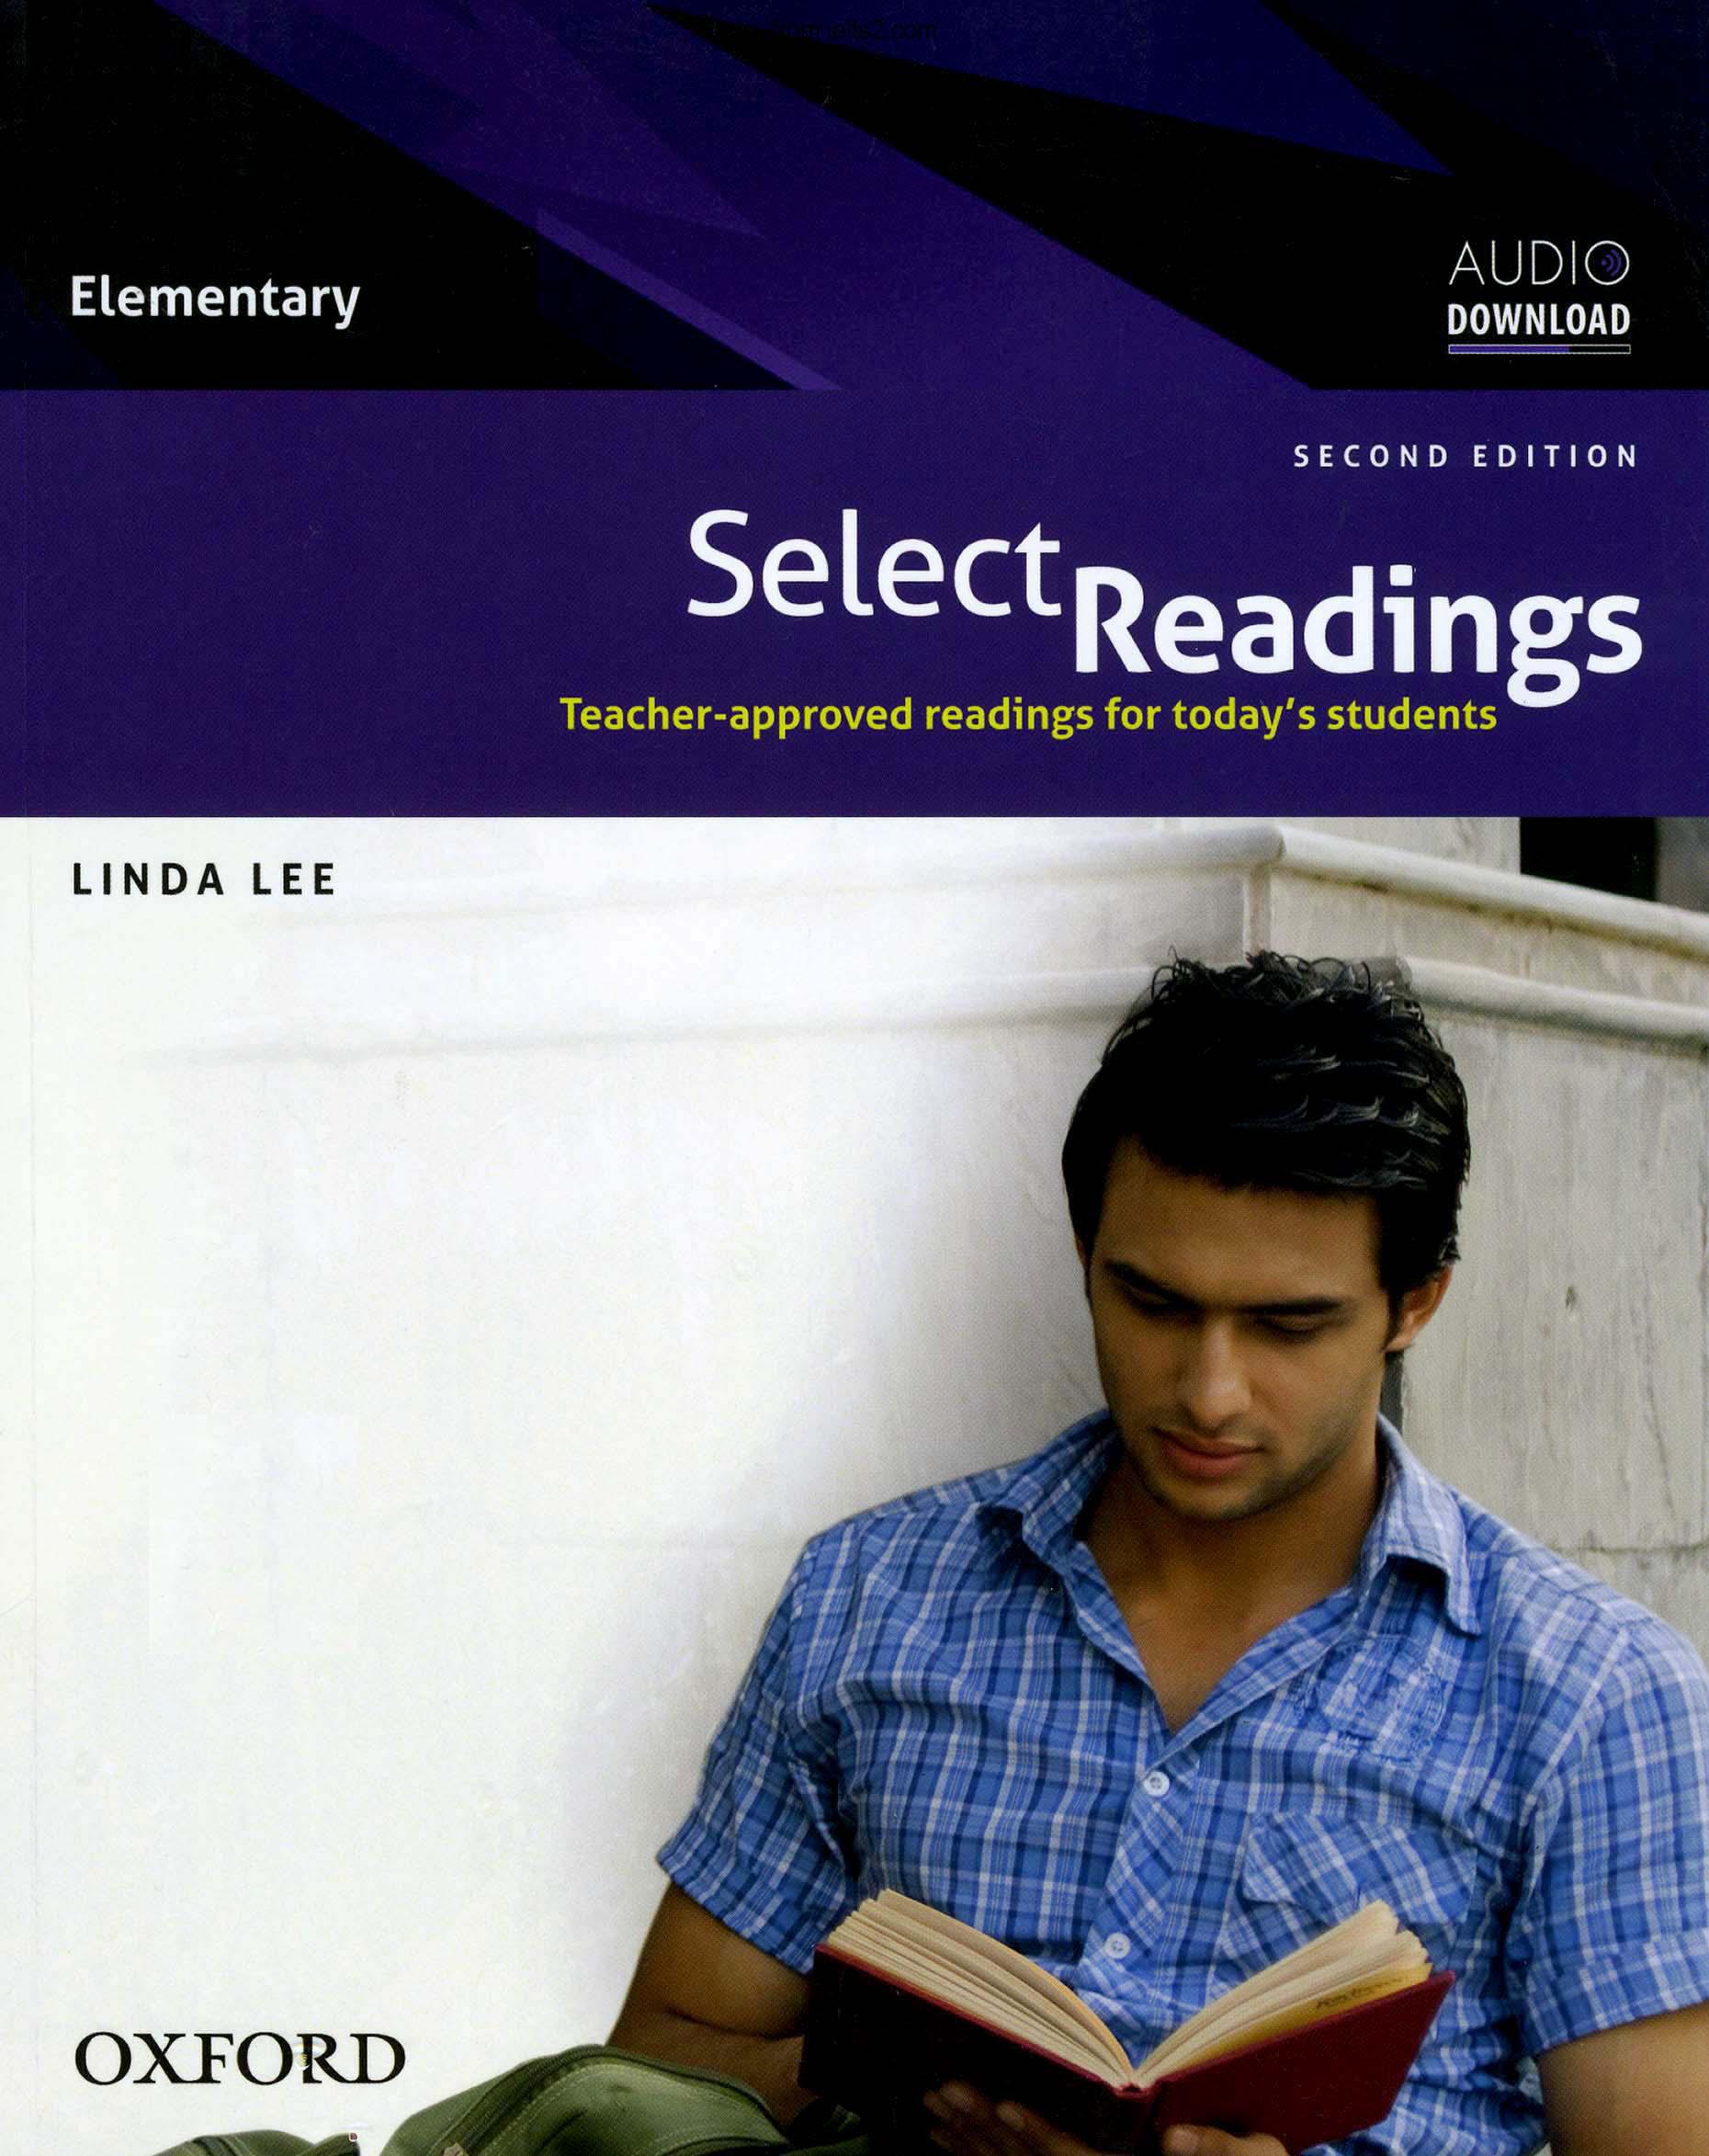 شنیدن و دانلود فایل صوتی کتاب Select Reading